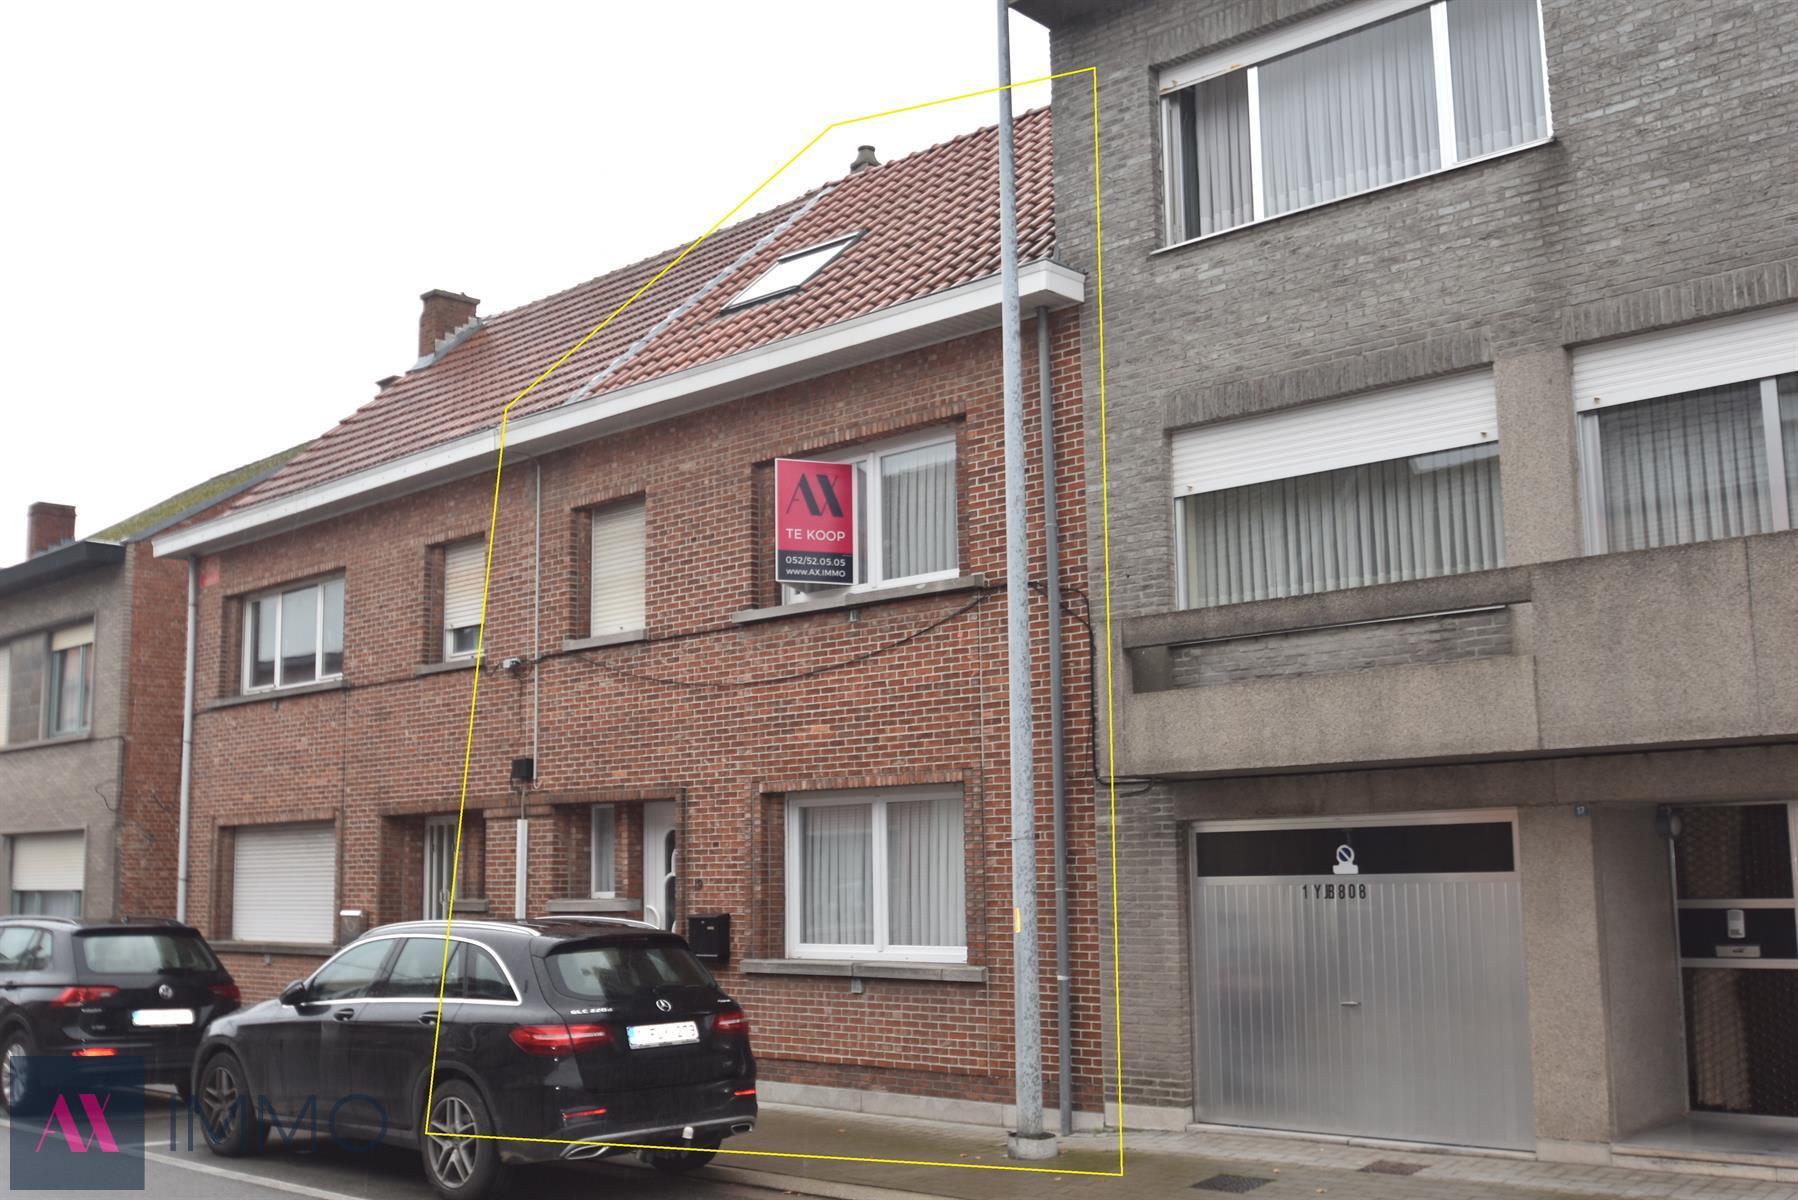 Grotendeels gerenoveerde woning met 3 slpk. en tuin op 02 are 36 ca vlakbij treinhalte Heizijde. Mogelijkheid tot het bij aankopen van een garagebox.